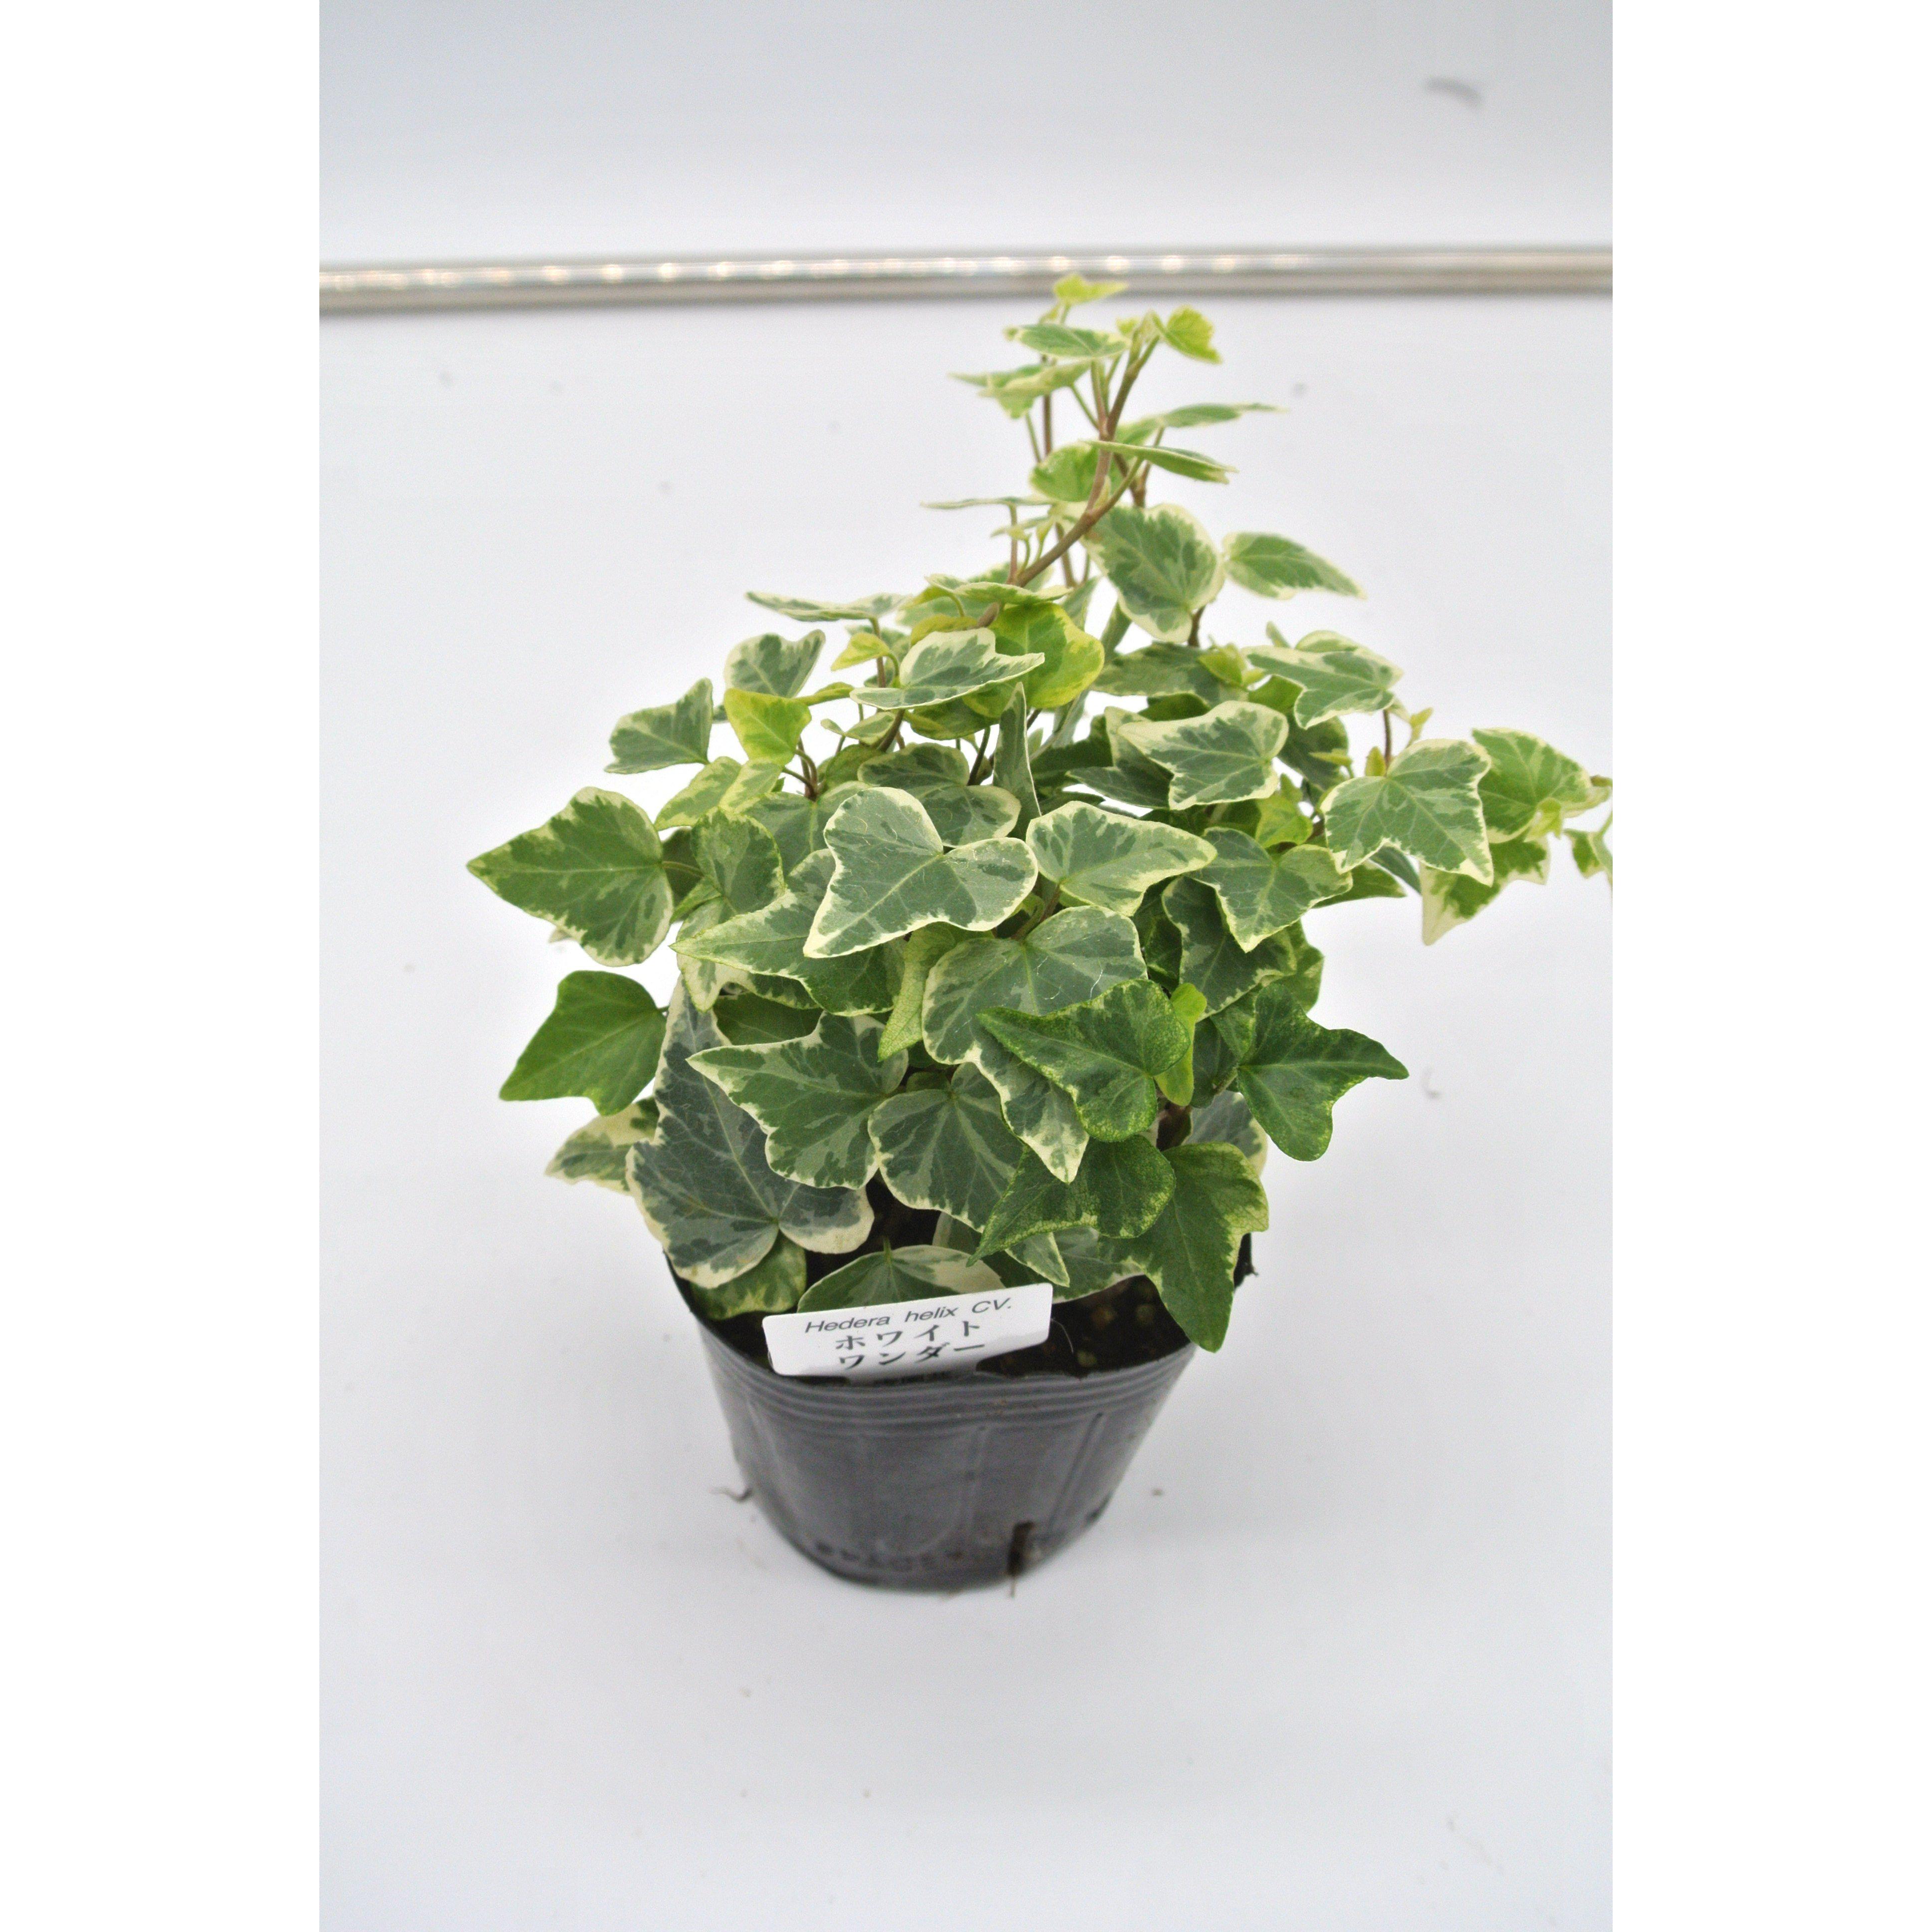 観葉植物 ヘデラ へリックス ホワイトワンダー 3号育成ポット 4ポット - 3